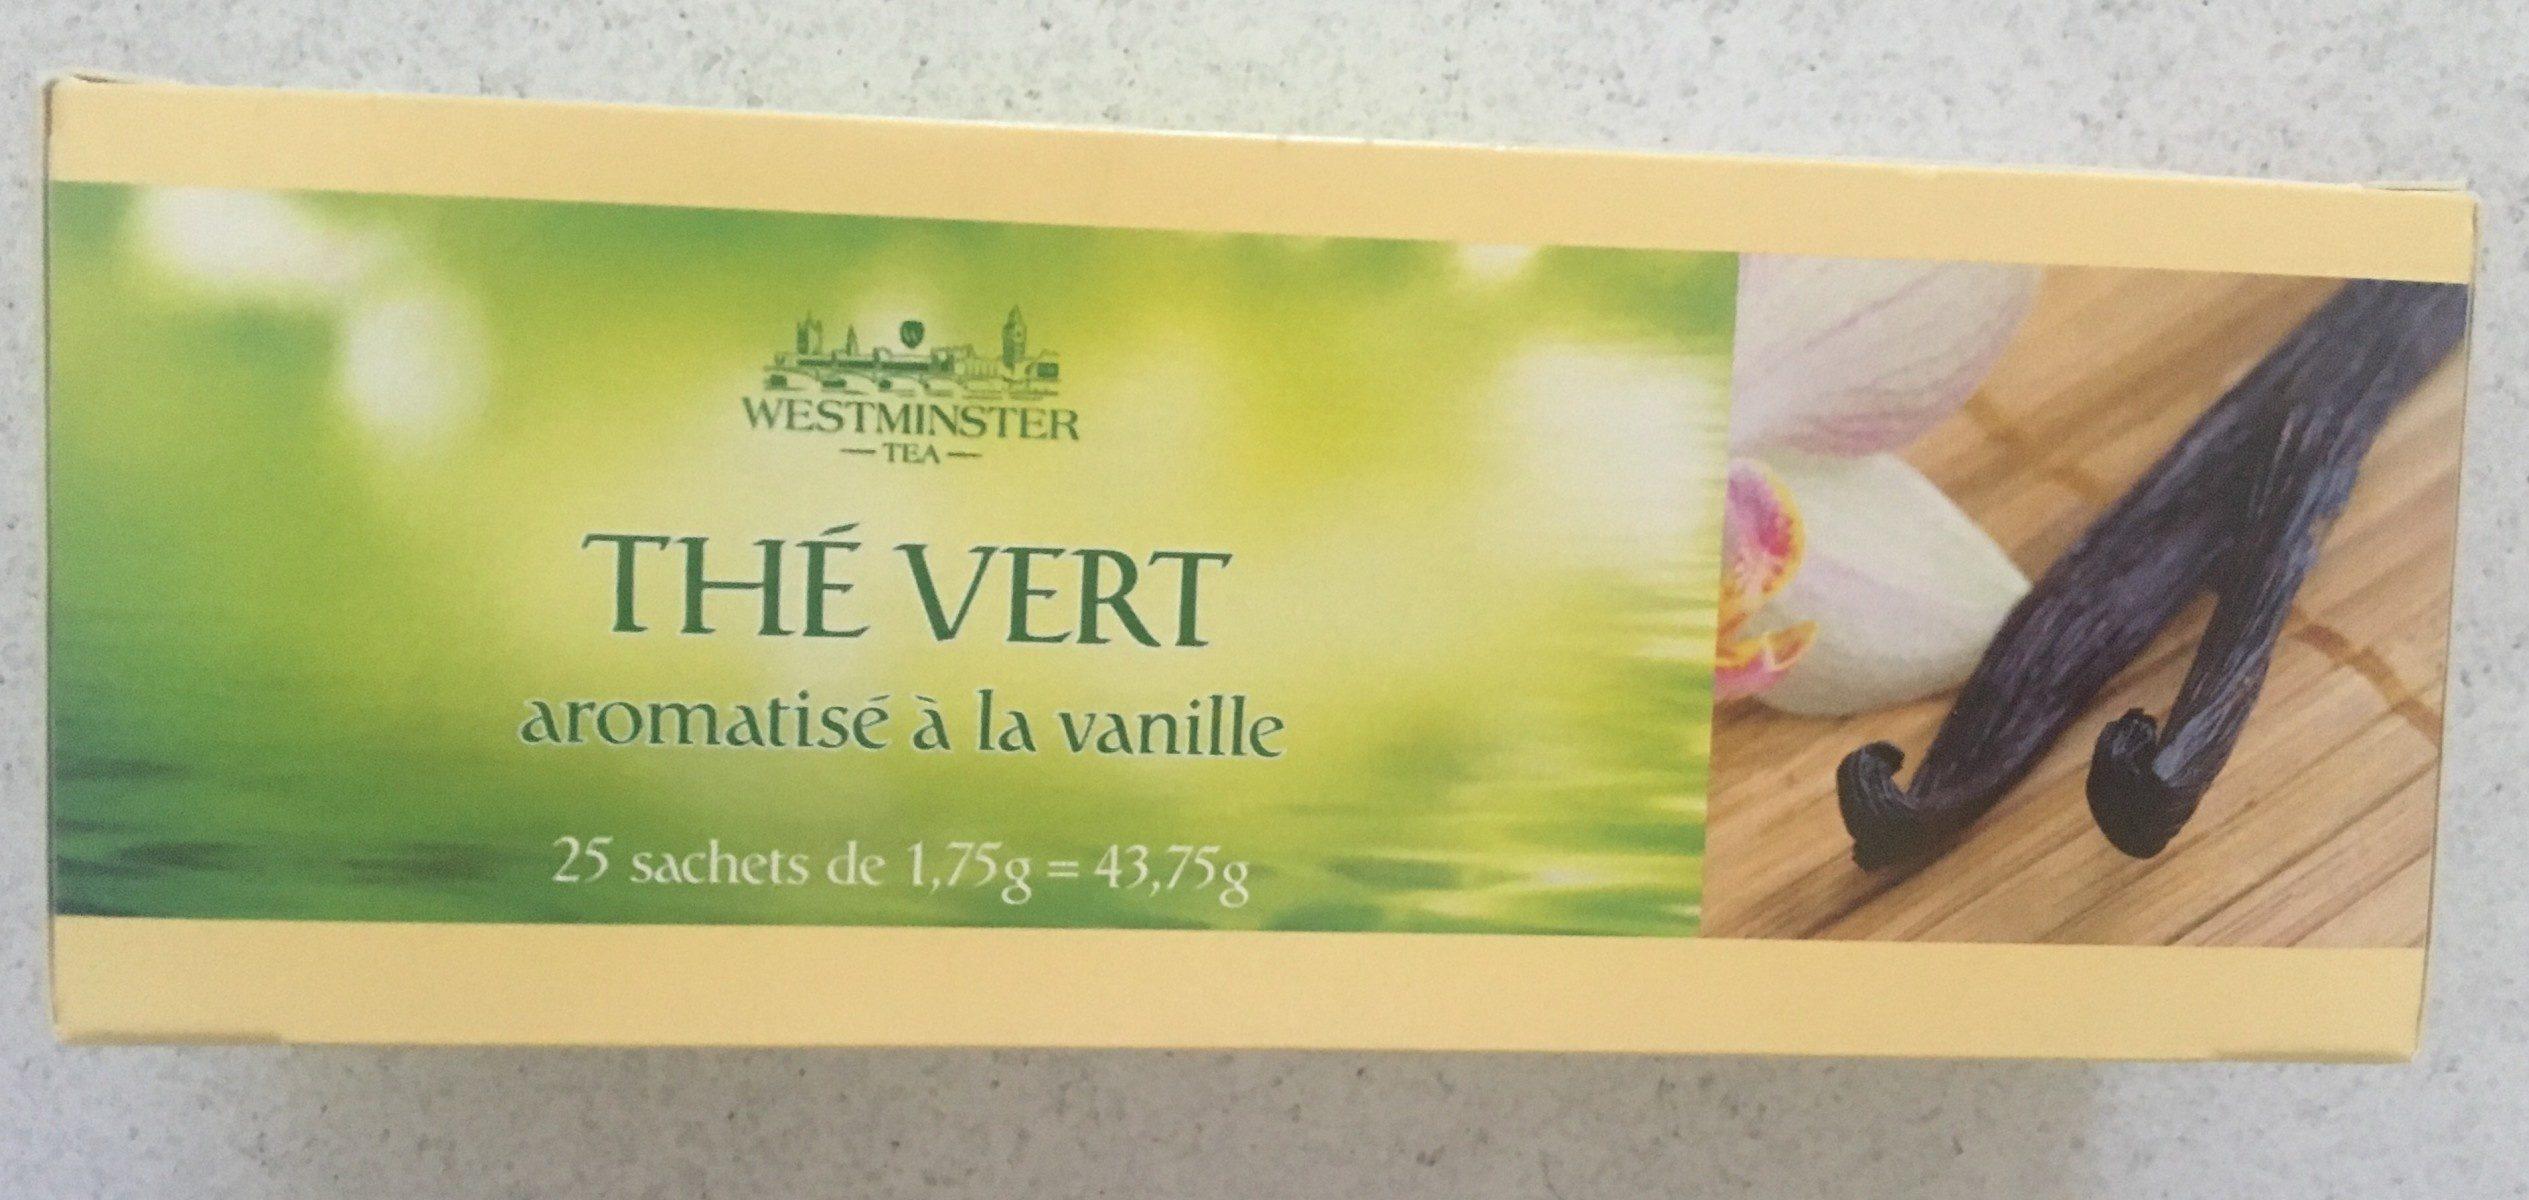 Thé Vert Nature aromatisé à la vanille - Product